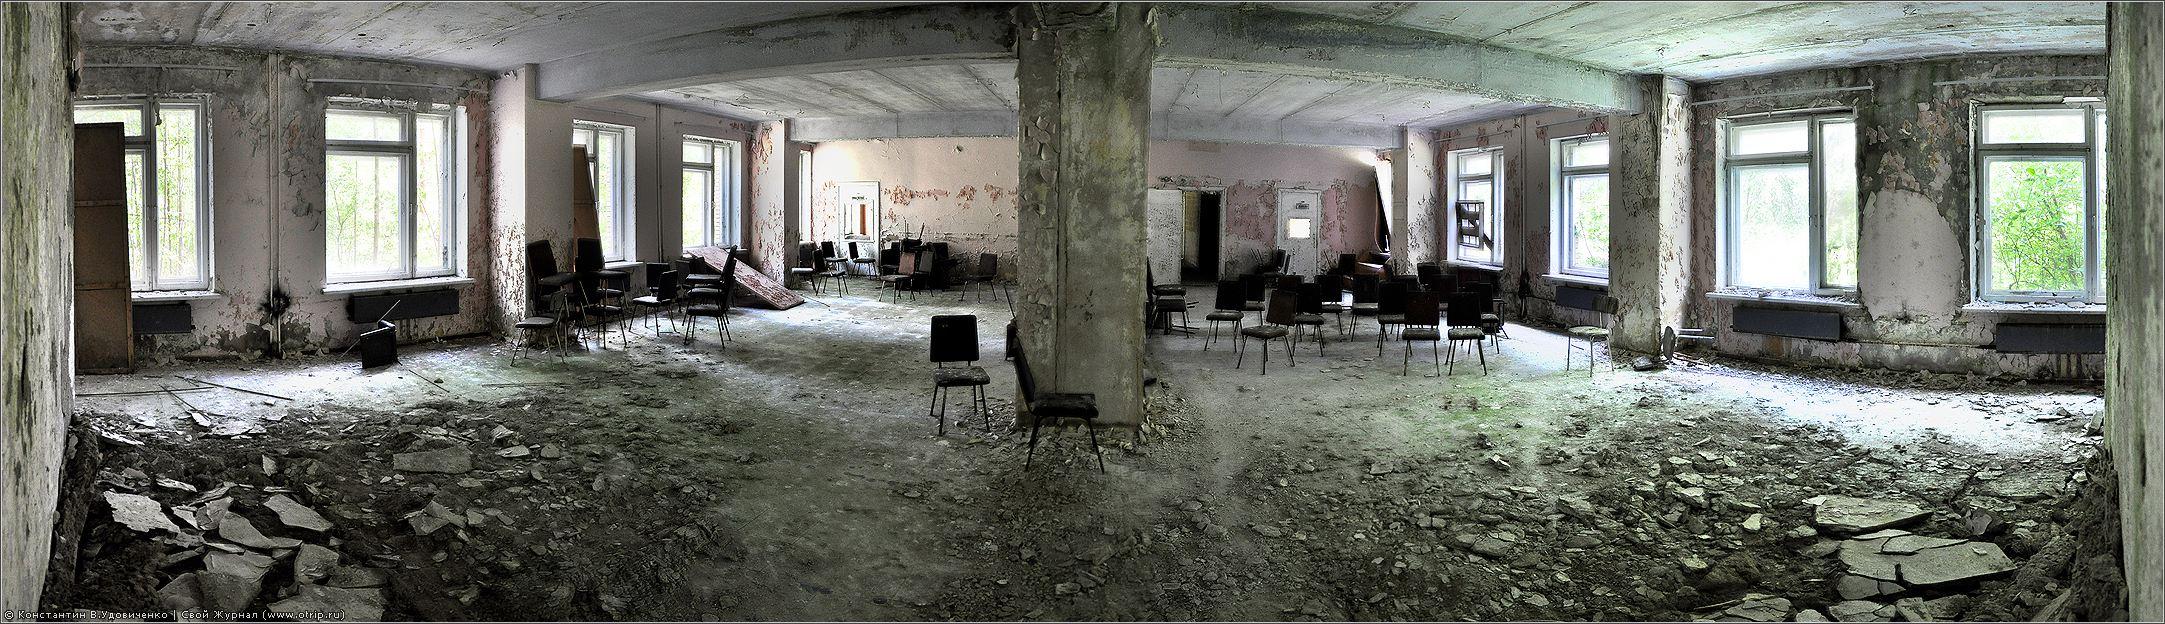 3085-13003x4370s_2.jpg - Пионерский лагерь 'Ромашка' (18.07.2010)